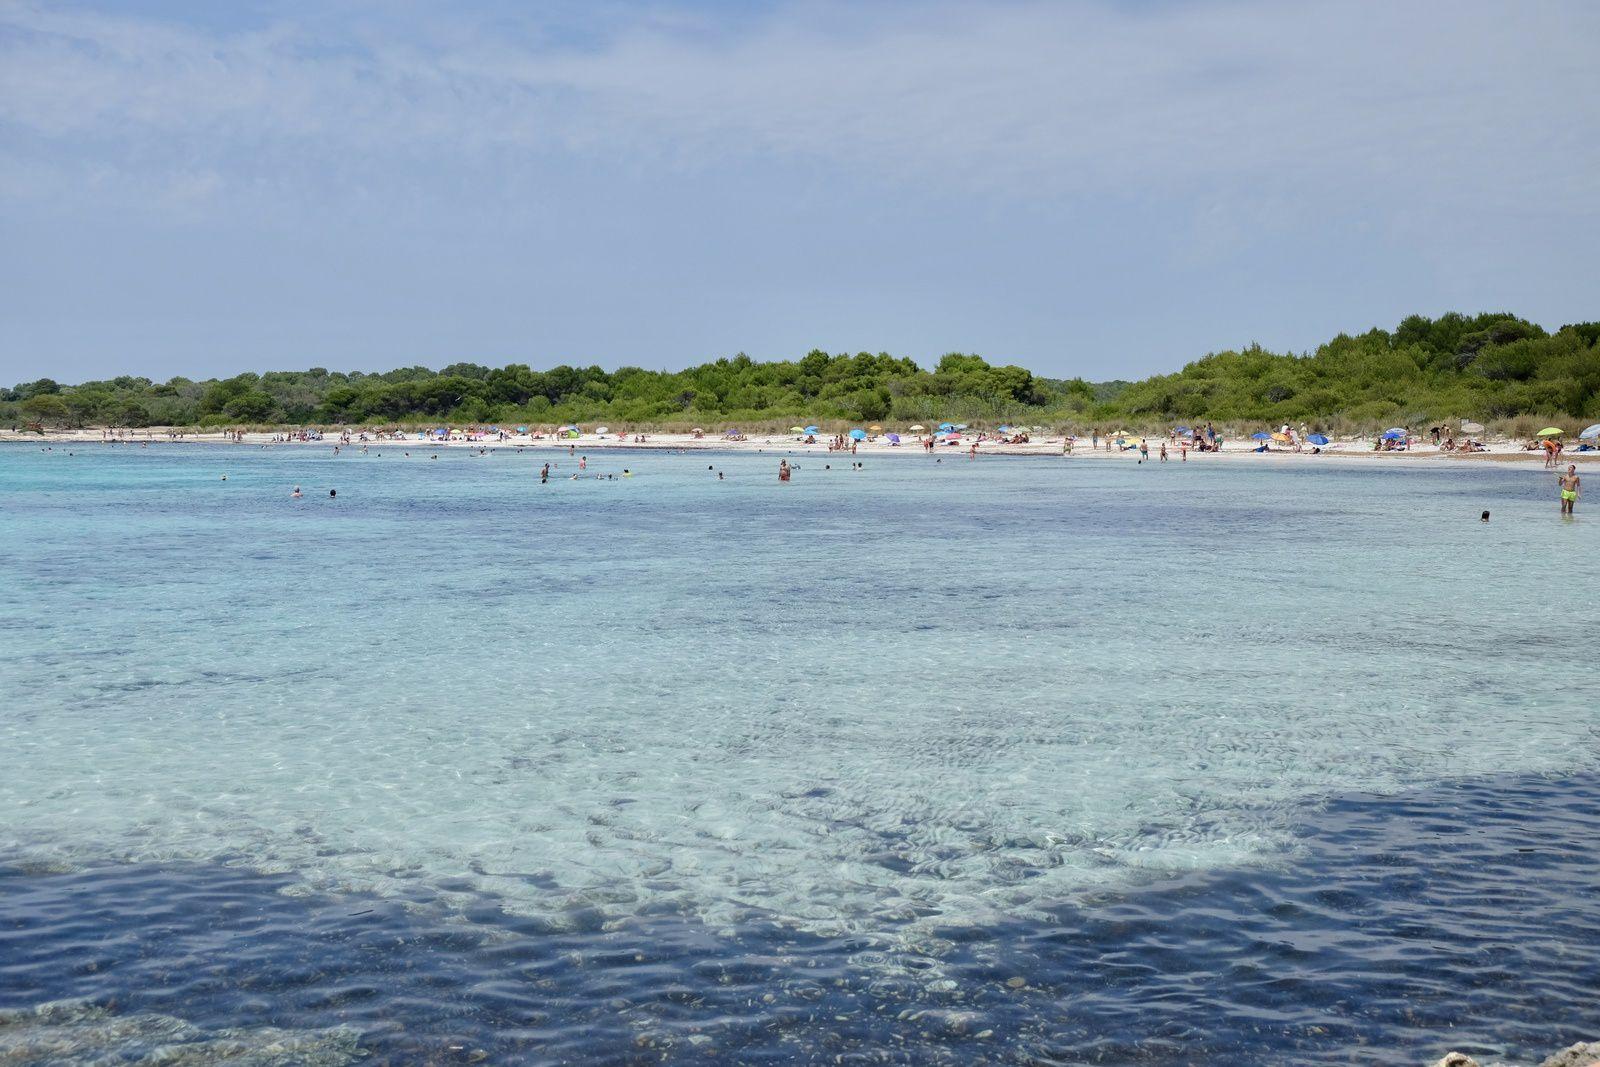 Une succession de plages magnifiques, toutes sauvages et préservées, qu'il faut mériter en marchant souvent longtemps sous les pins et les encouragements des cigales....